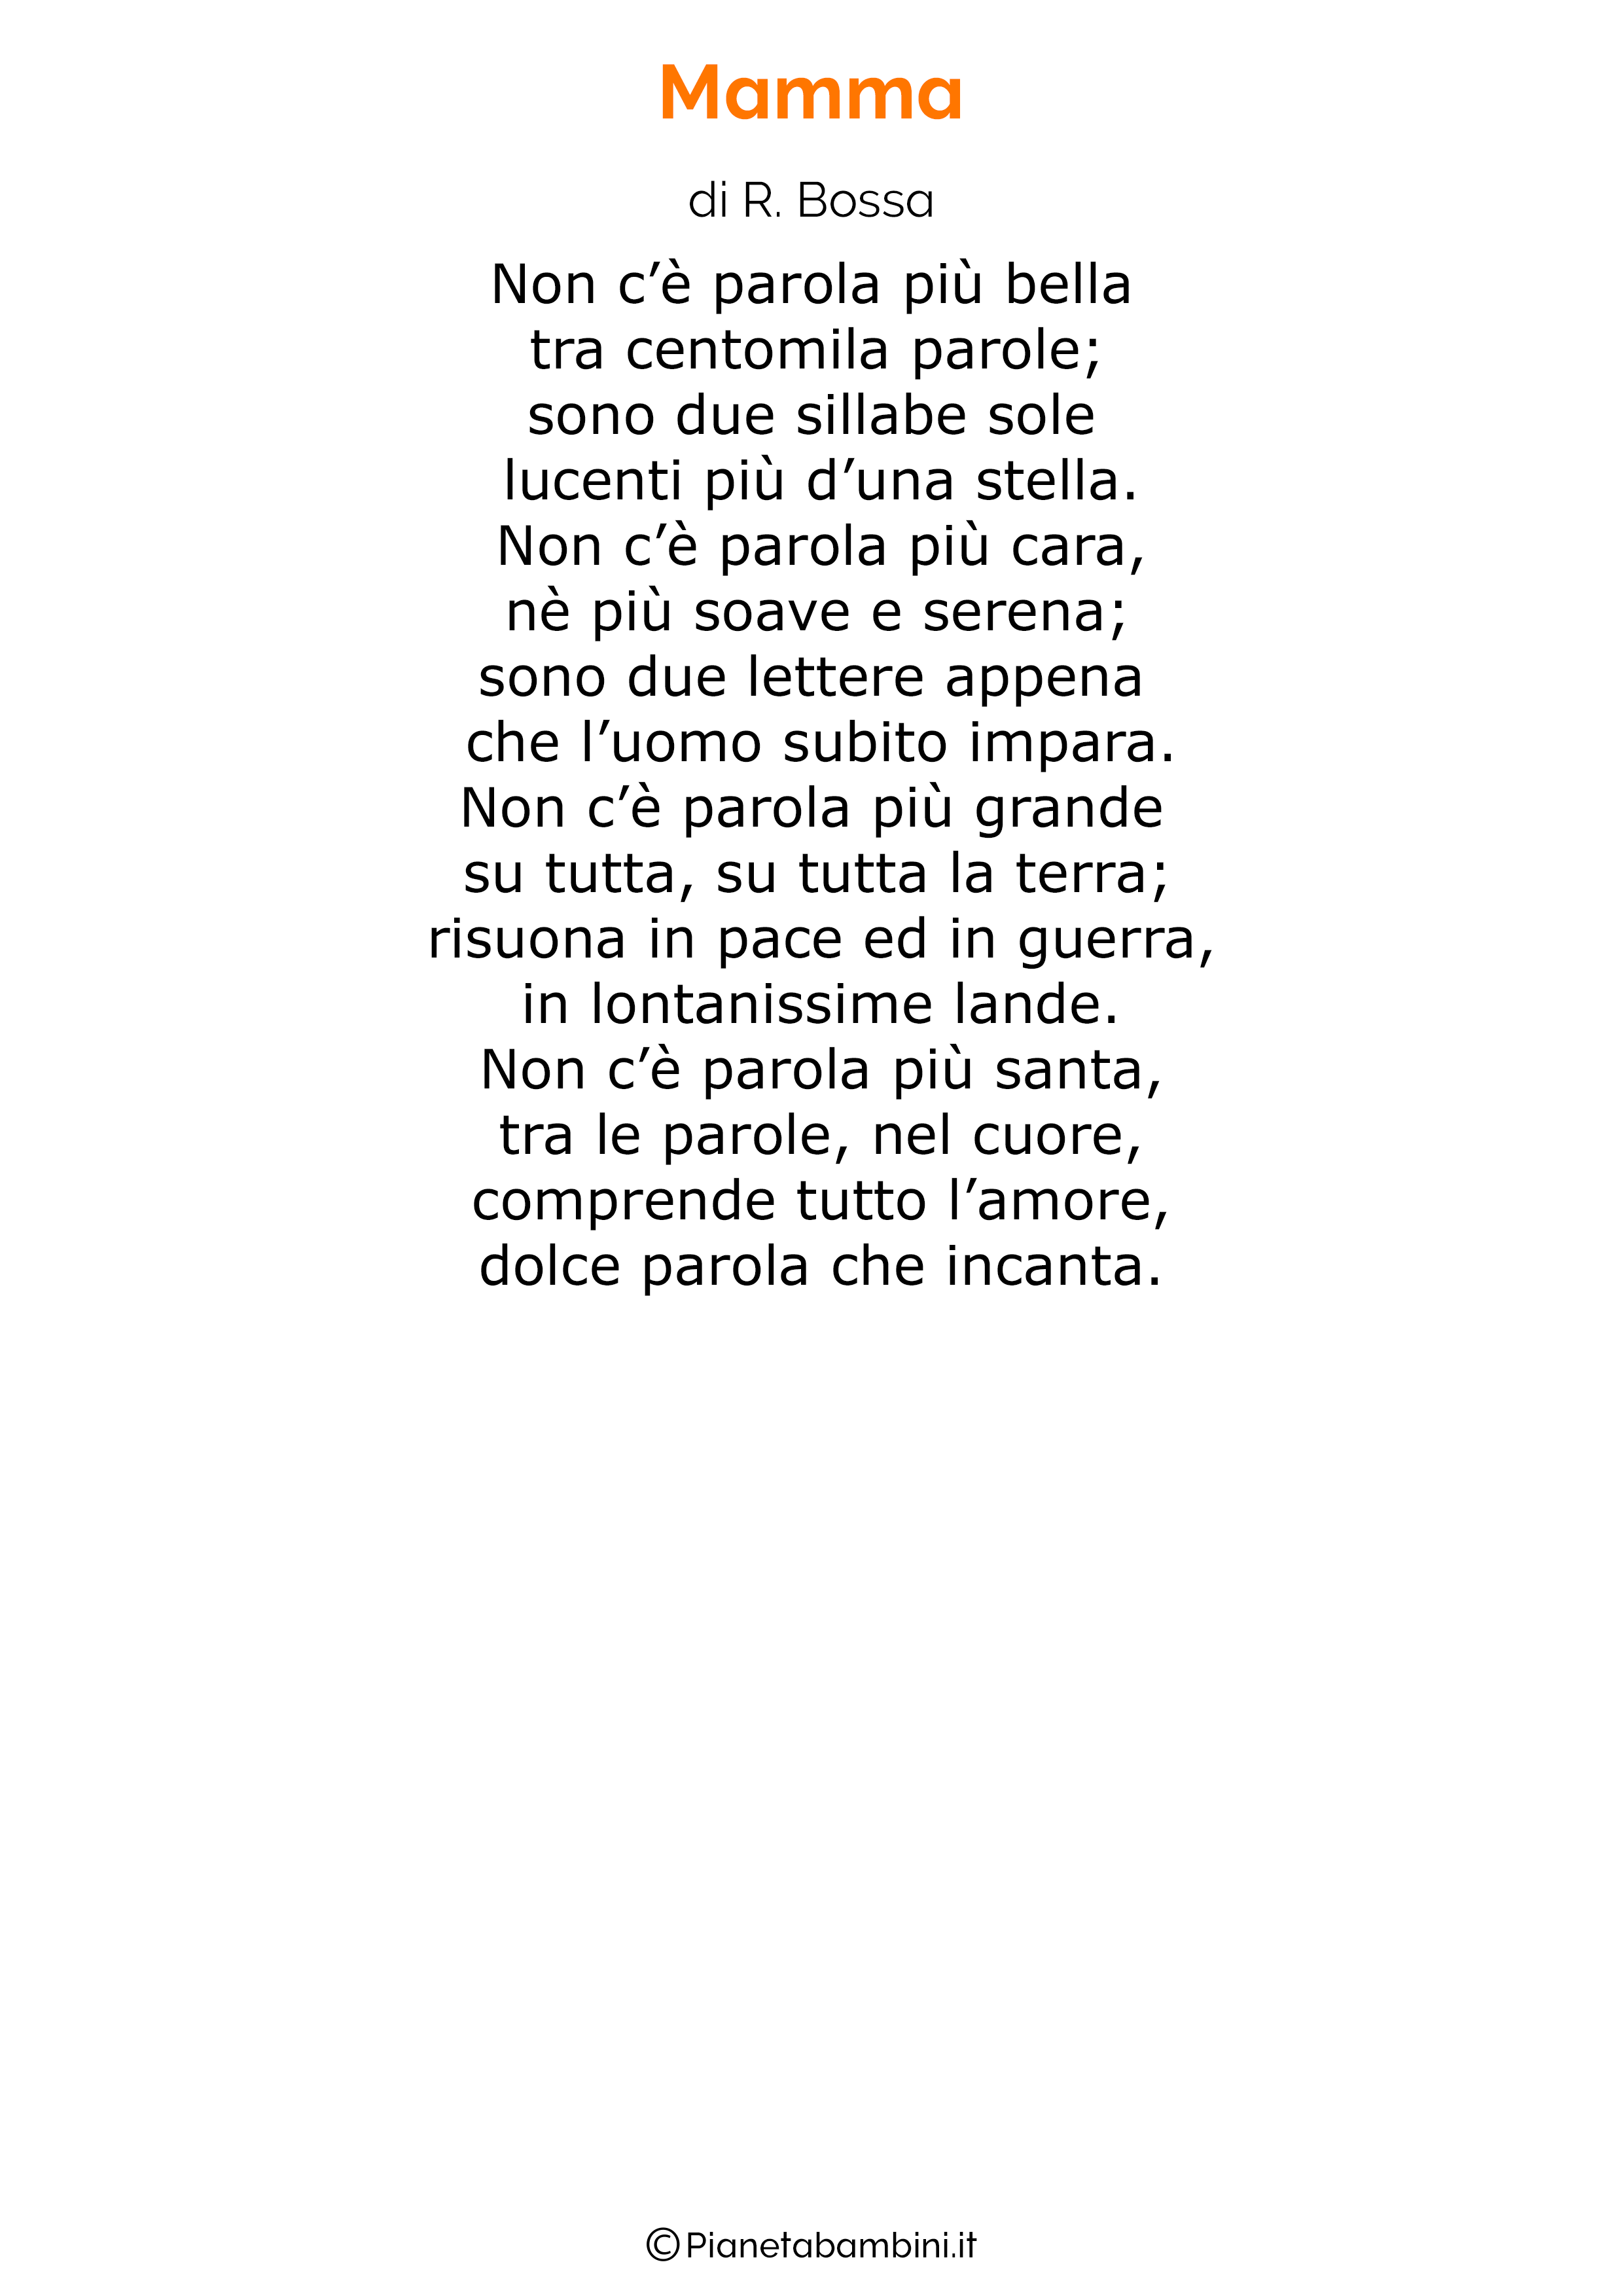 Poesia per la festa della mamma da stampare 35